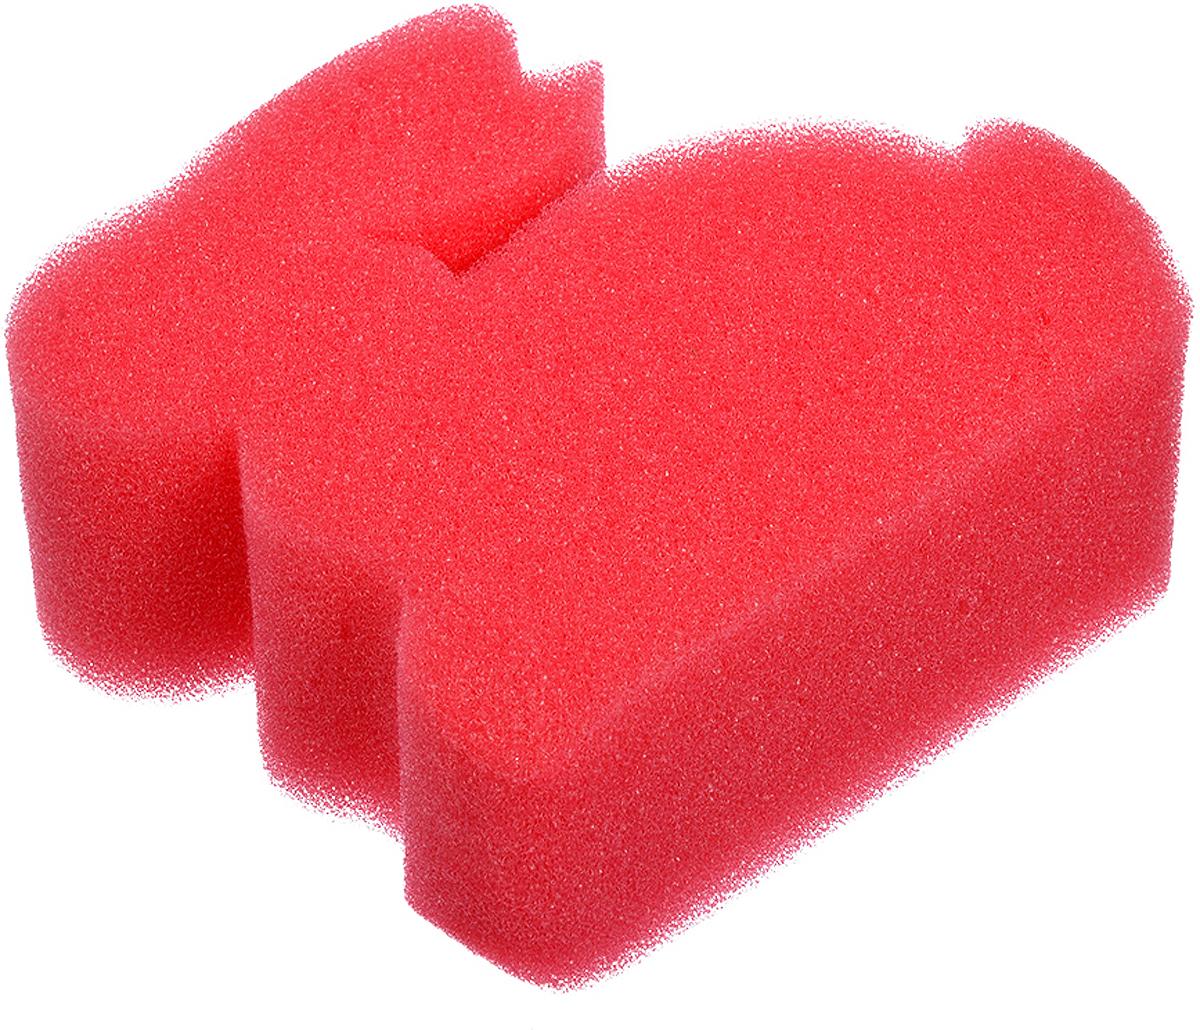 Мочалка Баннные штучки Зайчик, цвет: красный, 12 х 10,5 х 4 см мочалка баннные штучки цвет красный 75 х 14 см